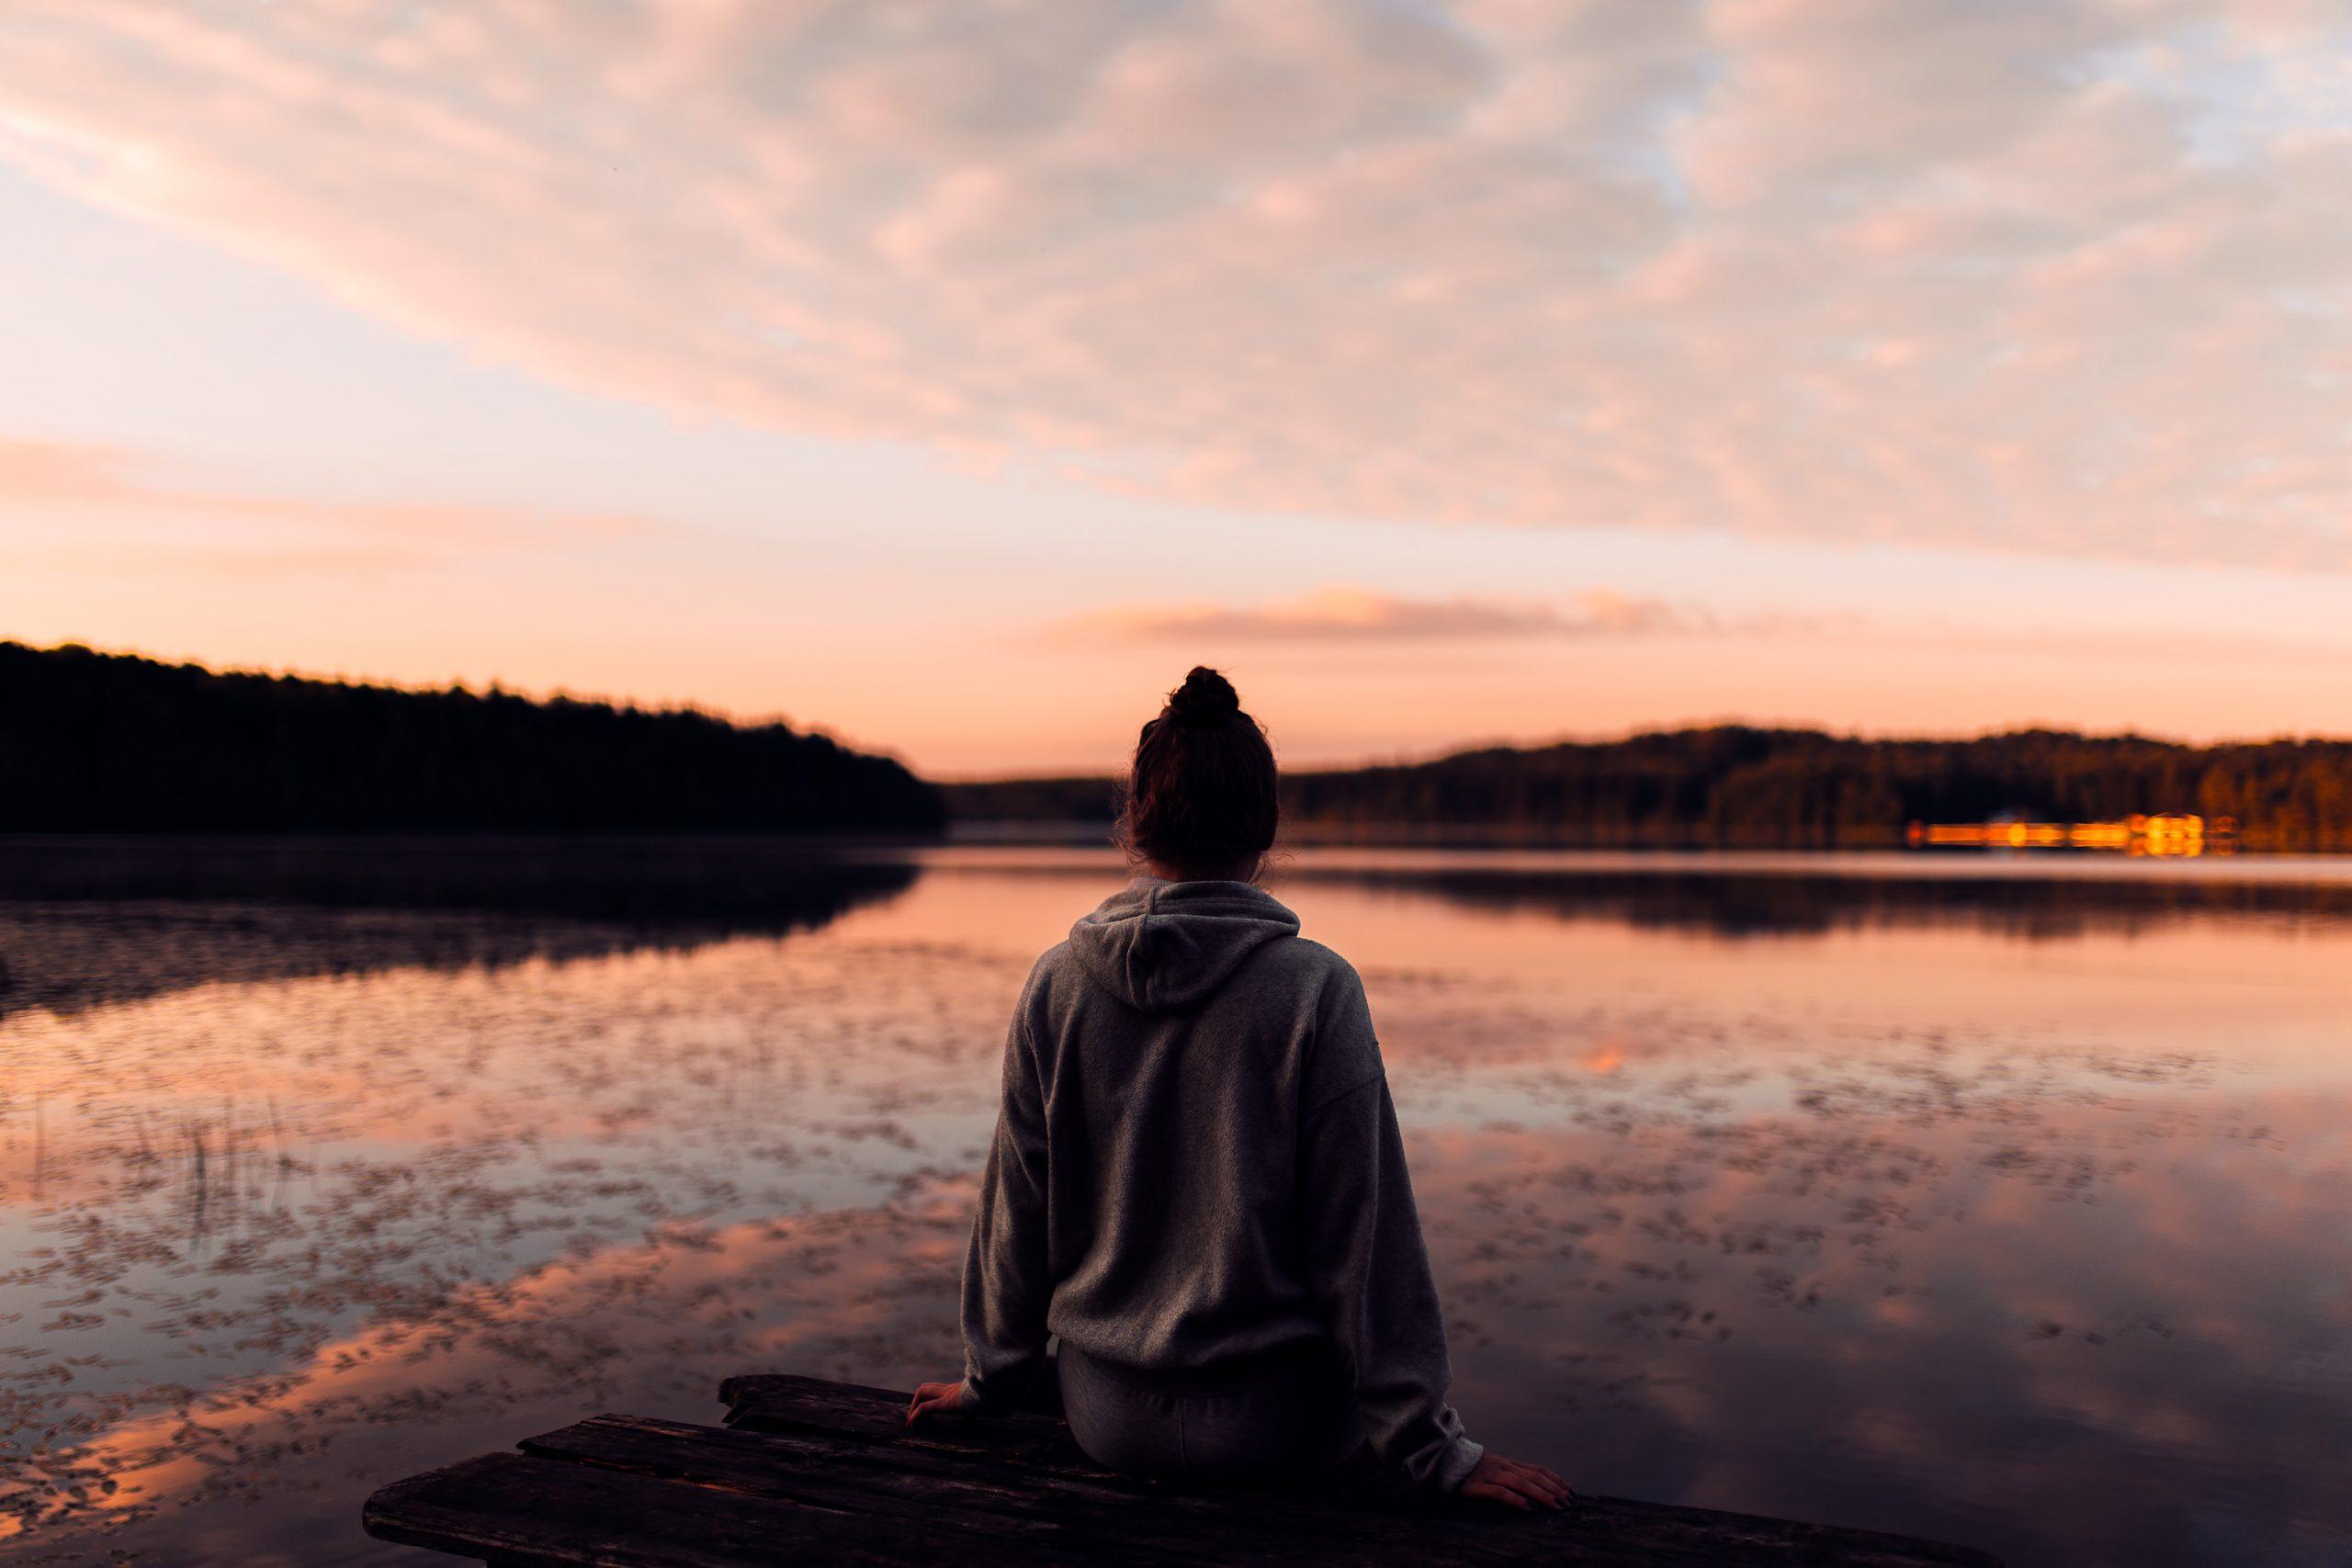 Nuori nainen katselee auringon laskua veden äärellä.